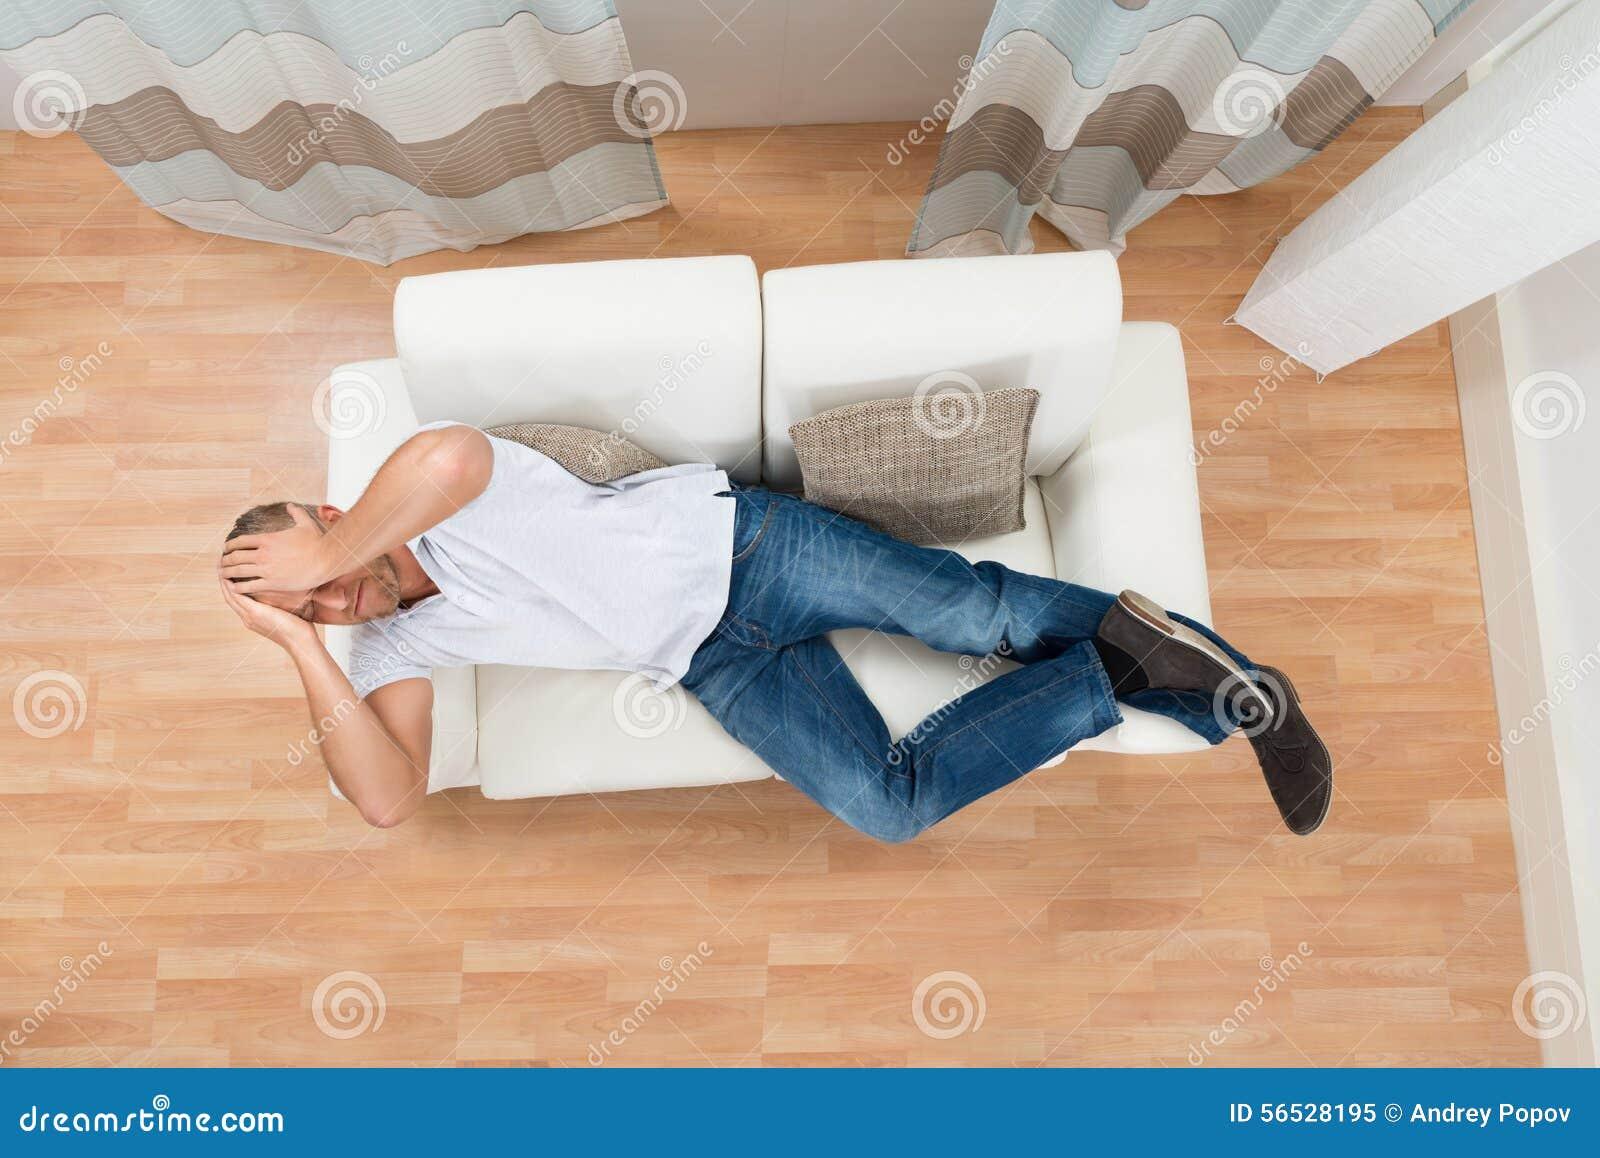 Homem em Sofa Having Headache